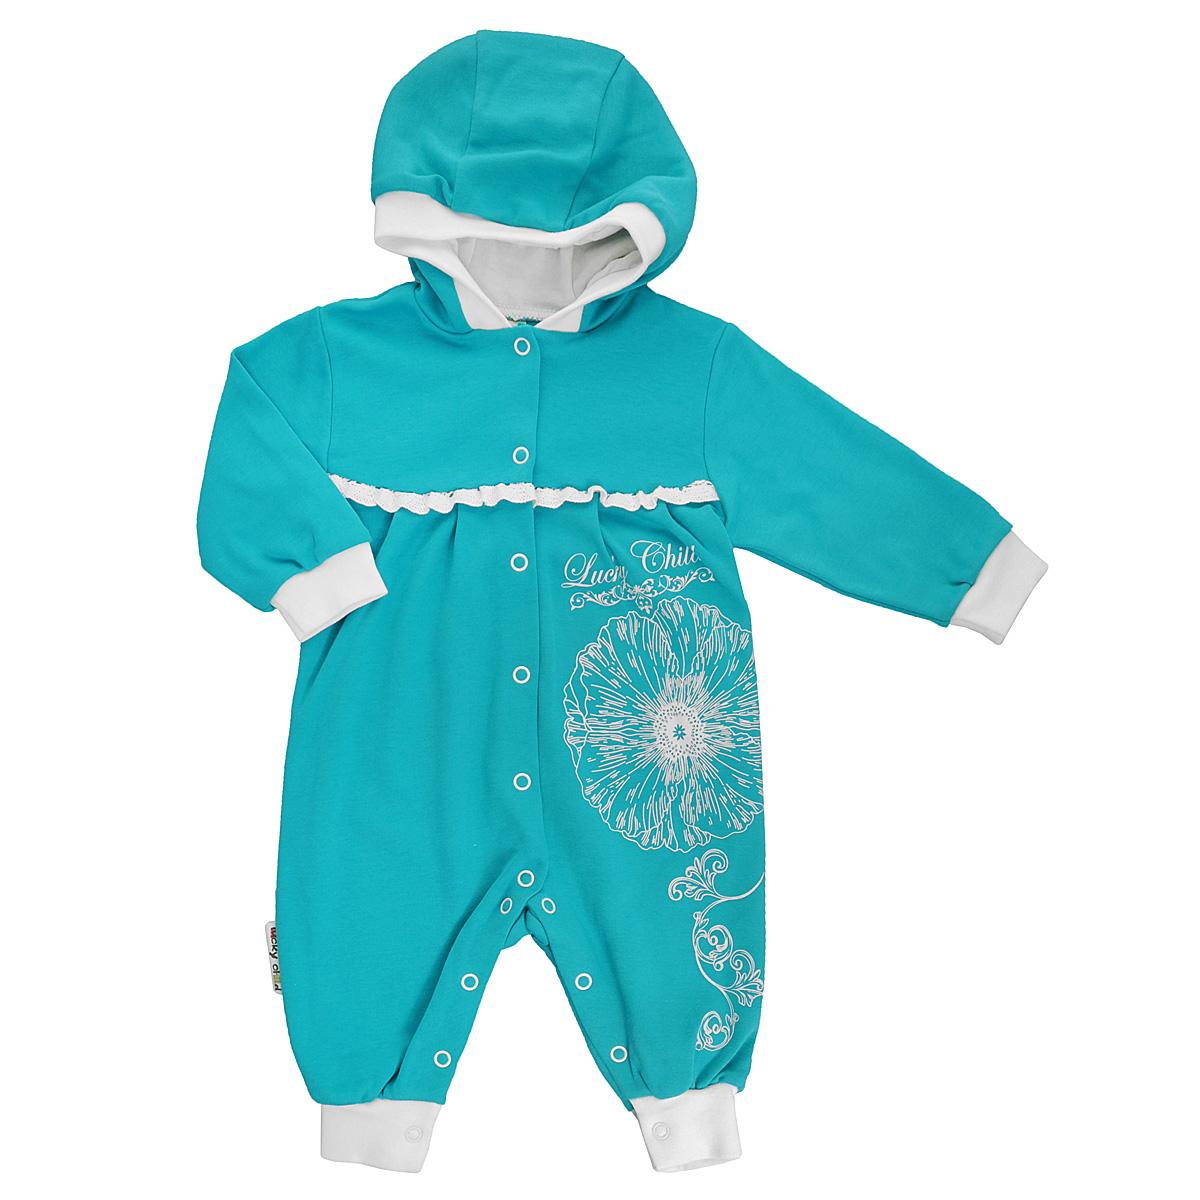 Комбинезон домашний14-3Детский комбинезон для девочки Lucky Child - очень удобный и практичный вид одежды для малышей. Комбинезон выполнен из натурального хлопка, благодаря чему он необычайно мягкий и приятный на ощупь, не раздражает нежную кожу ребенка и хорошо вентилируется, а эластичные швы приятны телу малышки и не препятствуют ее движениям. Комбинезон с капюшоном, длинными рукавами и открытыми ножками имеет застежки-кнопки от горловины и по всей длине, которые помогают легко переодеть младенца или сменить подгузник. Низ рукавов и низ штанин дополнены широкими трикотажными манжетами. На груди модель украшена ажурными рюшами. Оформлена модель оригинальны принтом в виде цветка, узоров и принтовой надписью с названием бренда. С детским комбинезоном Lucky Child спинка и ножки вашей малышки всегда будут в тепле, он идеален для использования днем и незаменим ночью. Комбинезон полностью соответствует особенностям жизни младенца в ранний период, не стесняя и не ограничивая его в движениях!